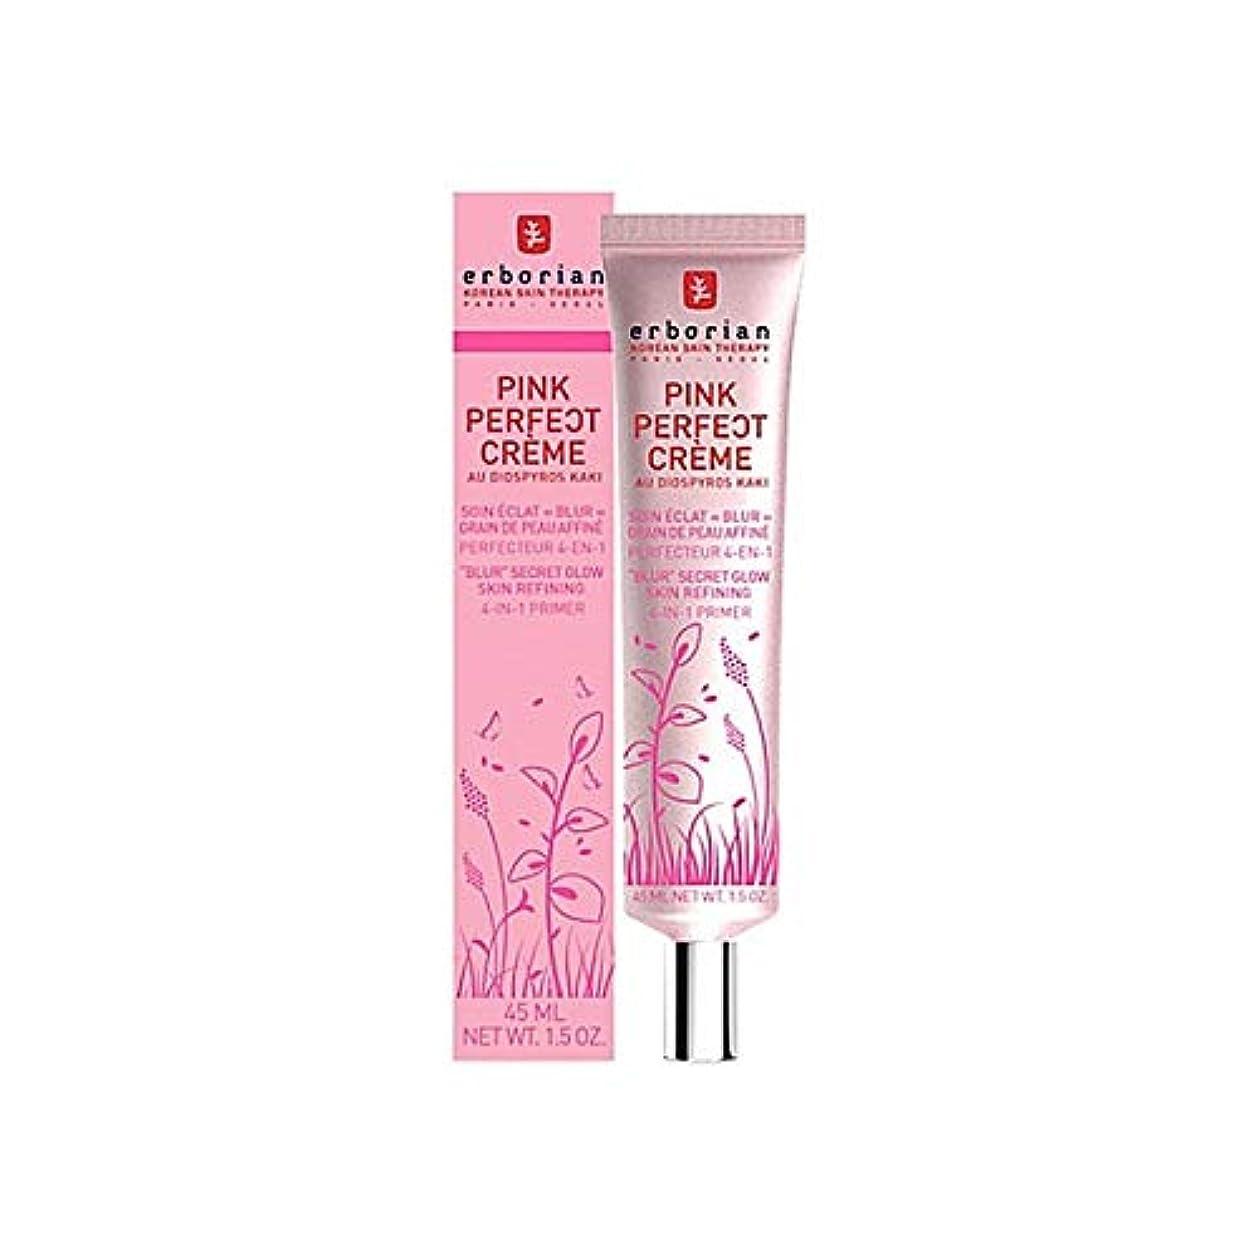 知事八ミシン[Erborian] Erborianピンクの完璧なクリーム15ミリリットル - Erborian Pink Perfect Creme 15ml [並行輸入品]